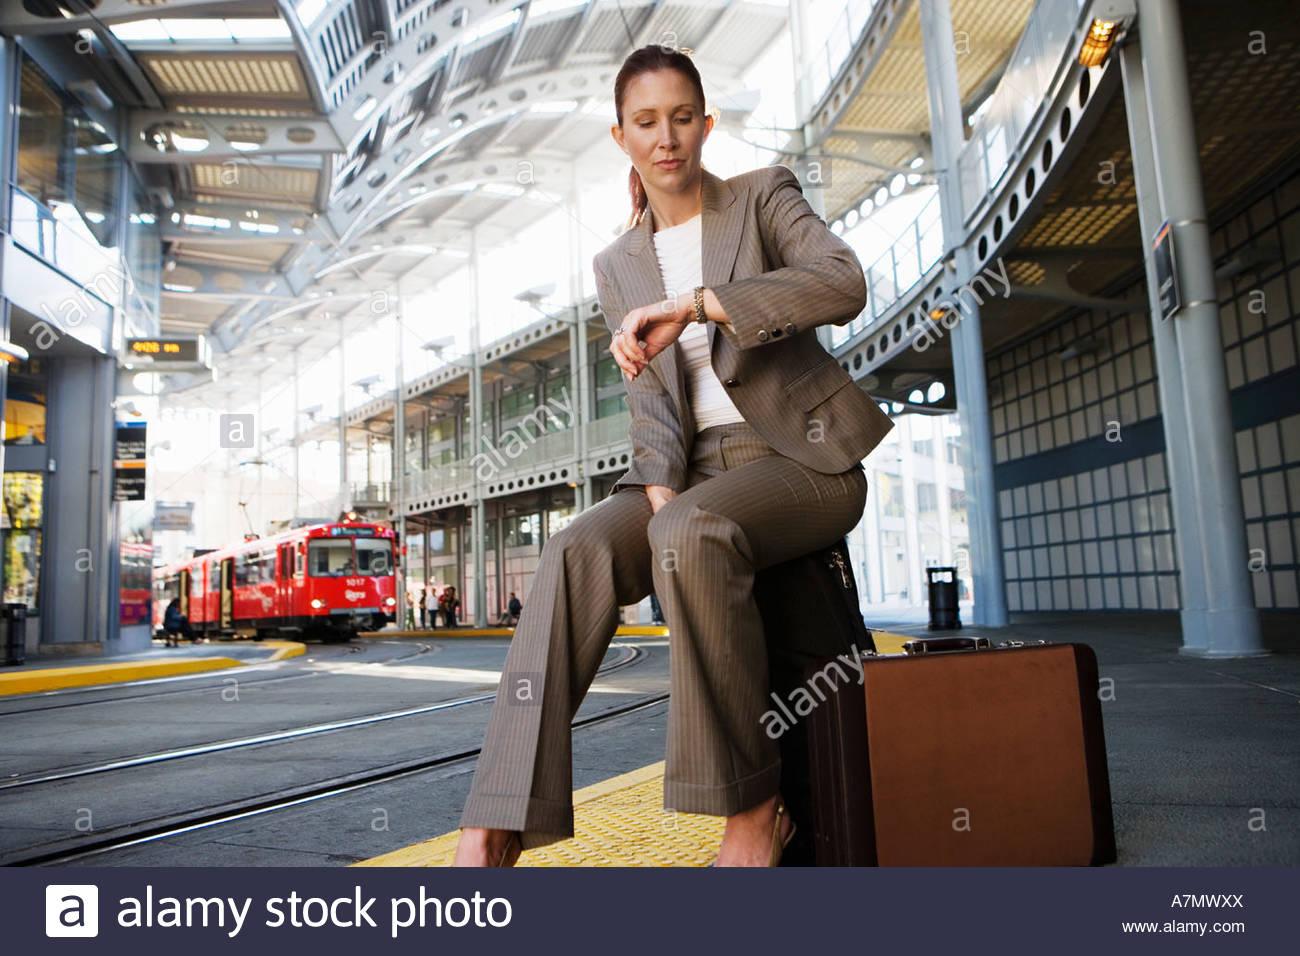 Geschäftsfrau, die sitzen auf Koffer wartet Straßenbahn Überprüfung Zeit auf Oberflächenniveau Stockbild